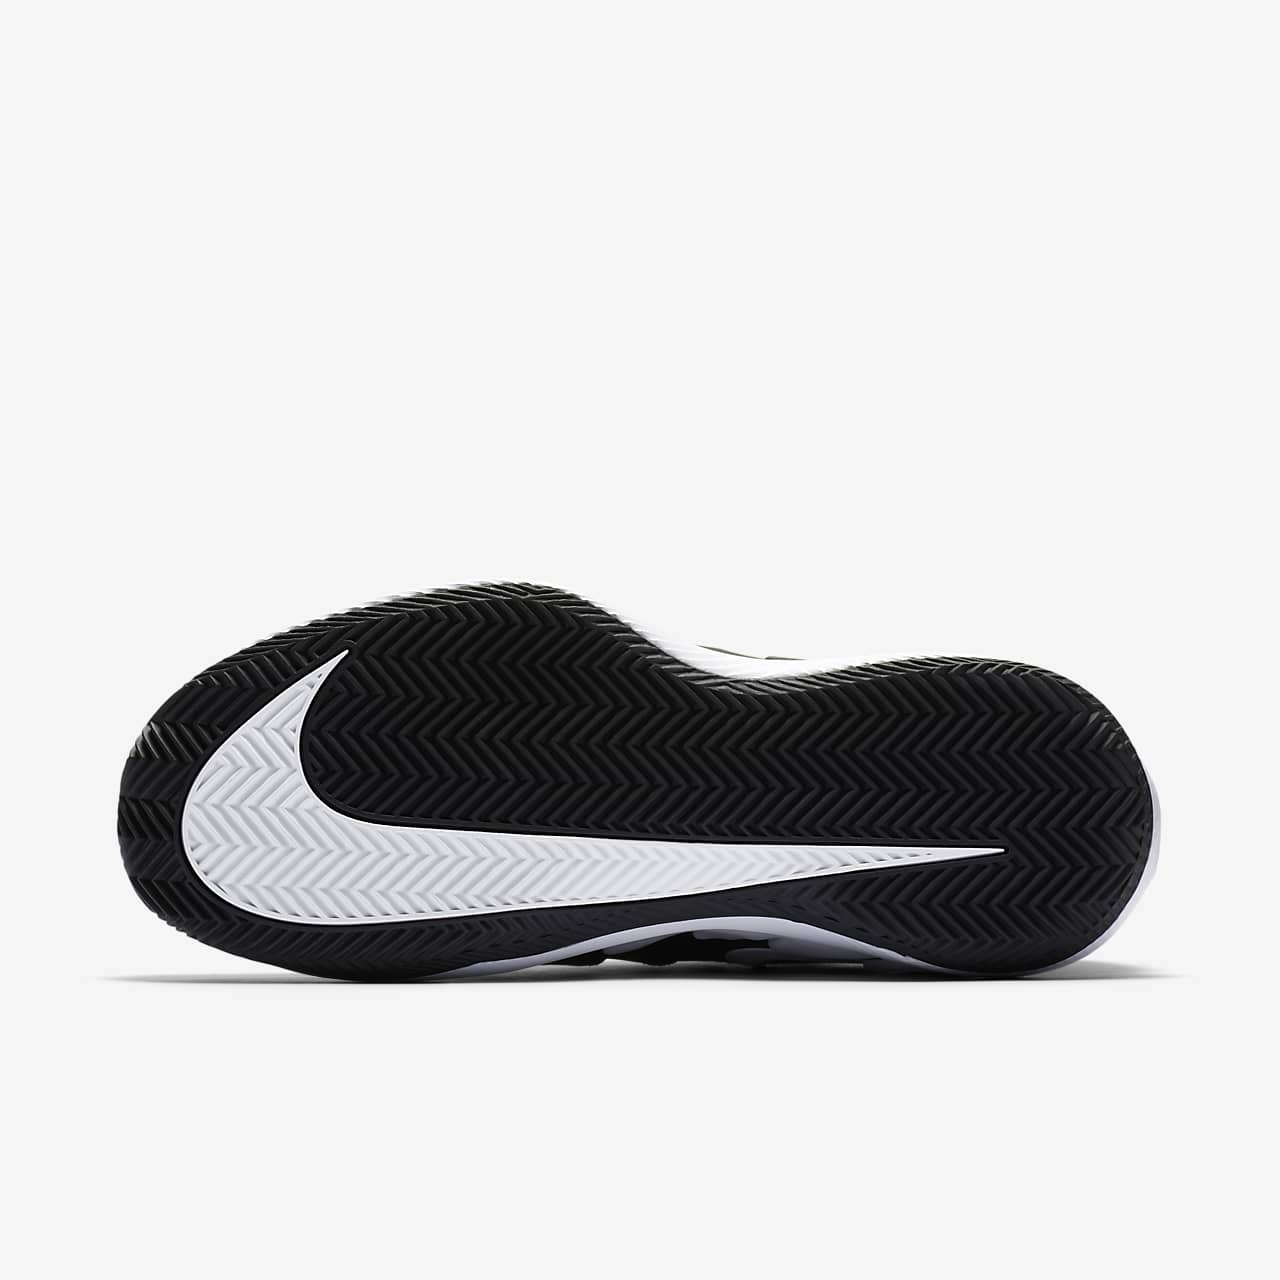 chaussures nike pour terrain battu